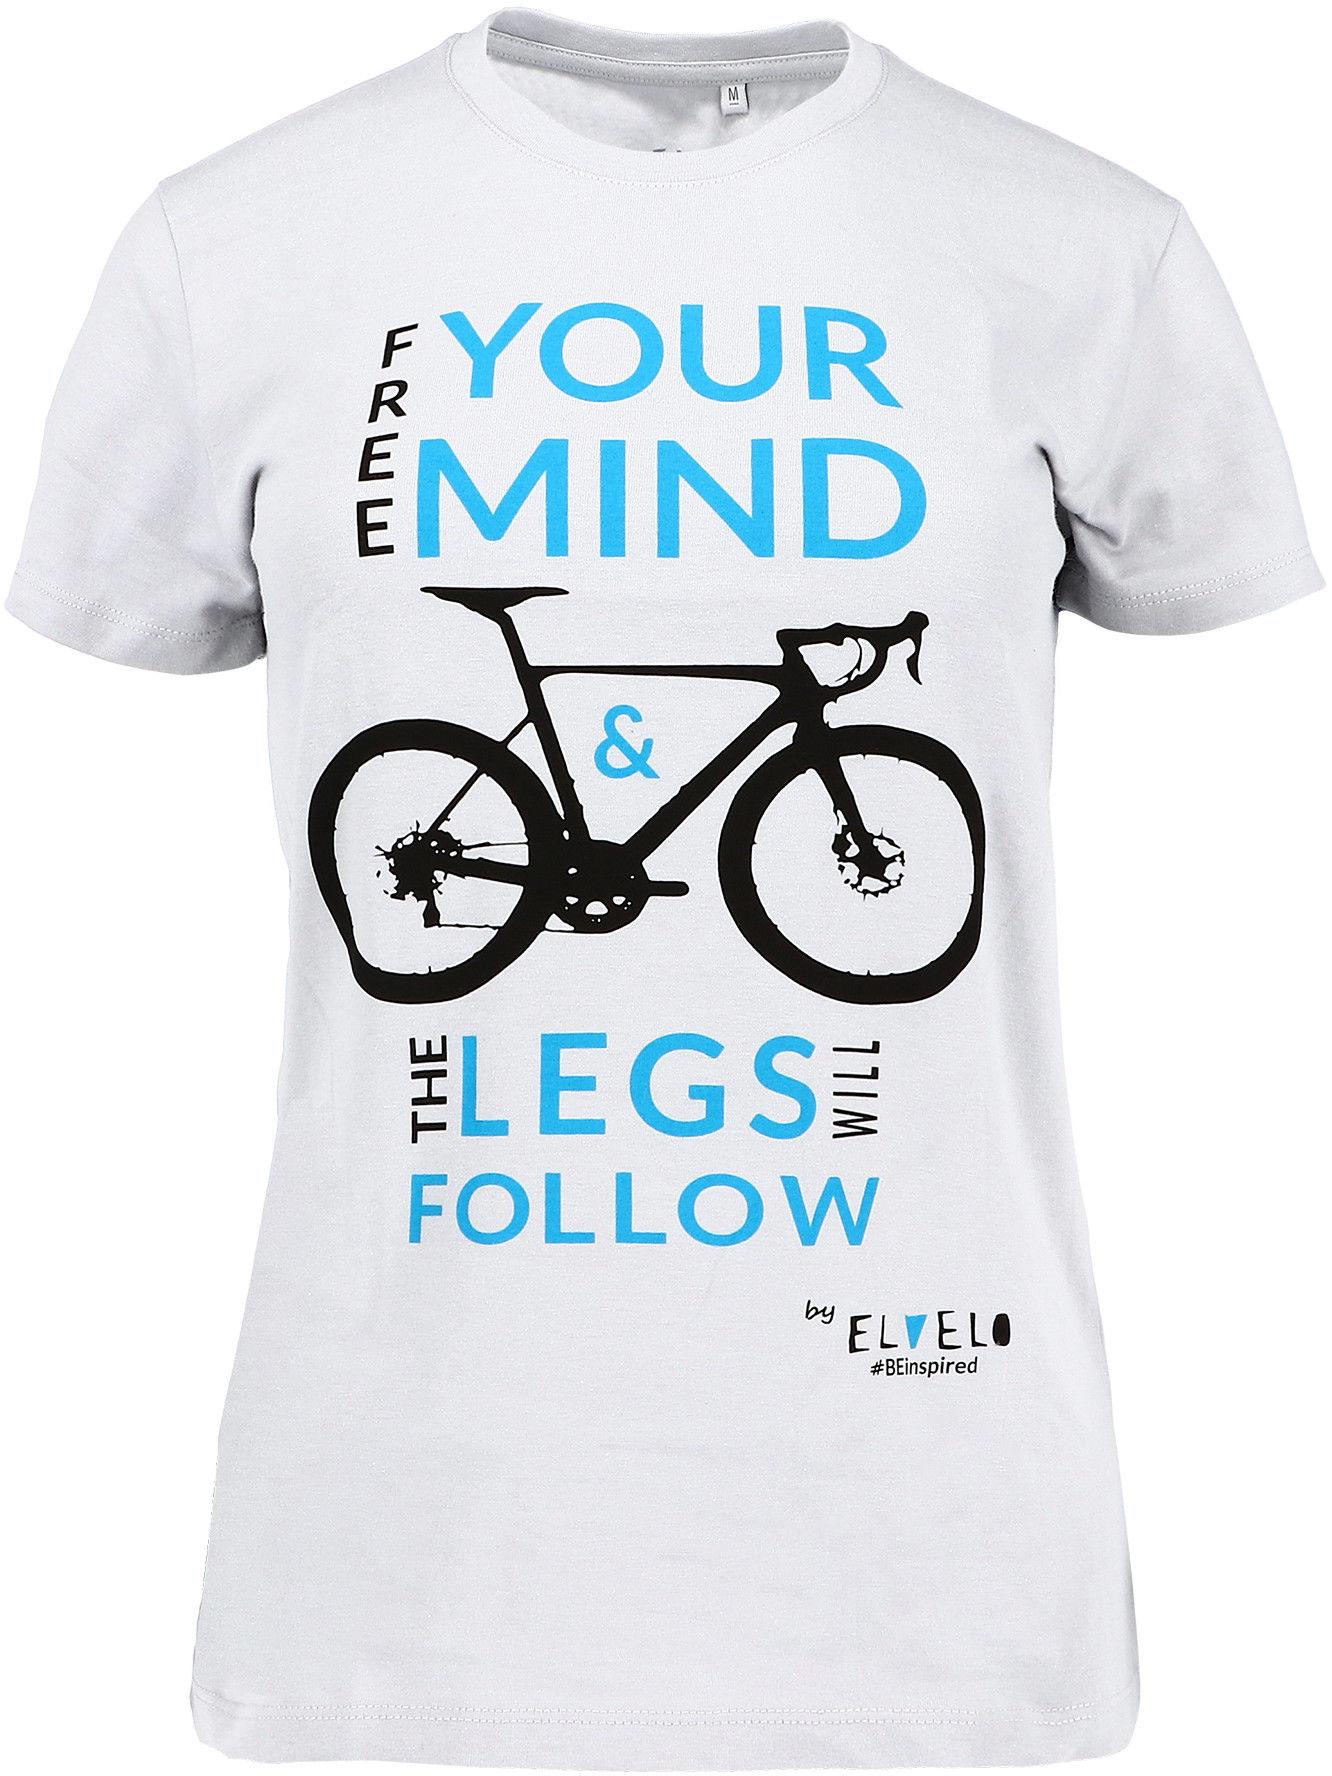 FREE YOUR MIND by ELVELO #BEinspired T-SHIRT/KOSZULKA dla rowerzystki/kolarki